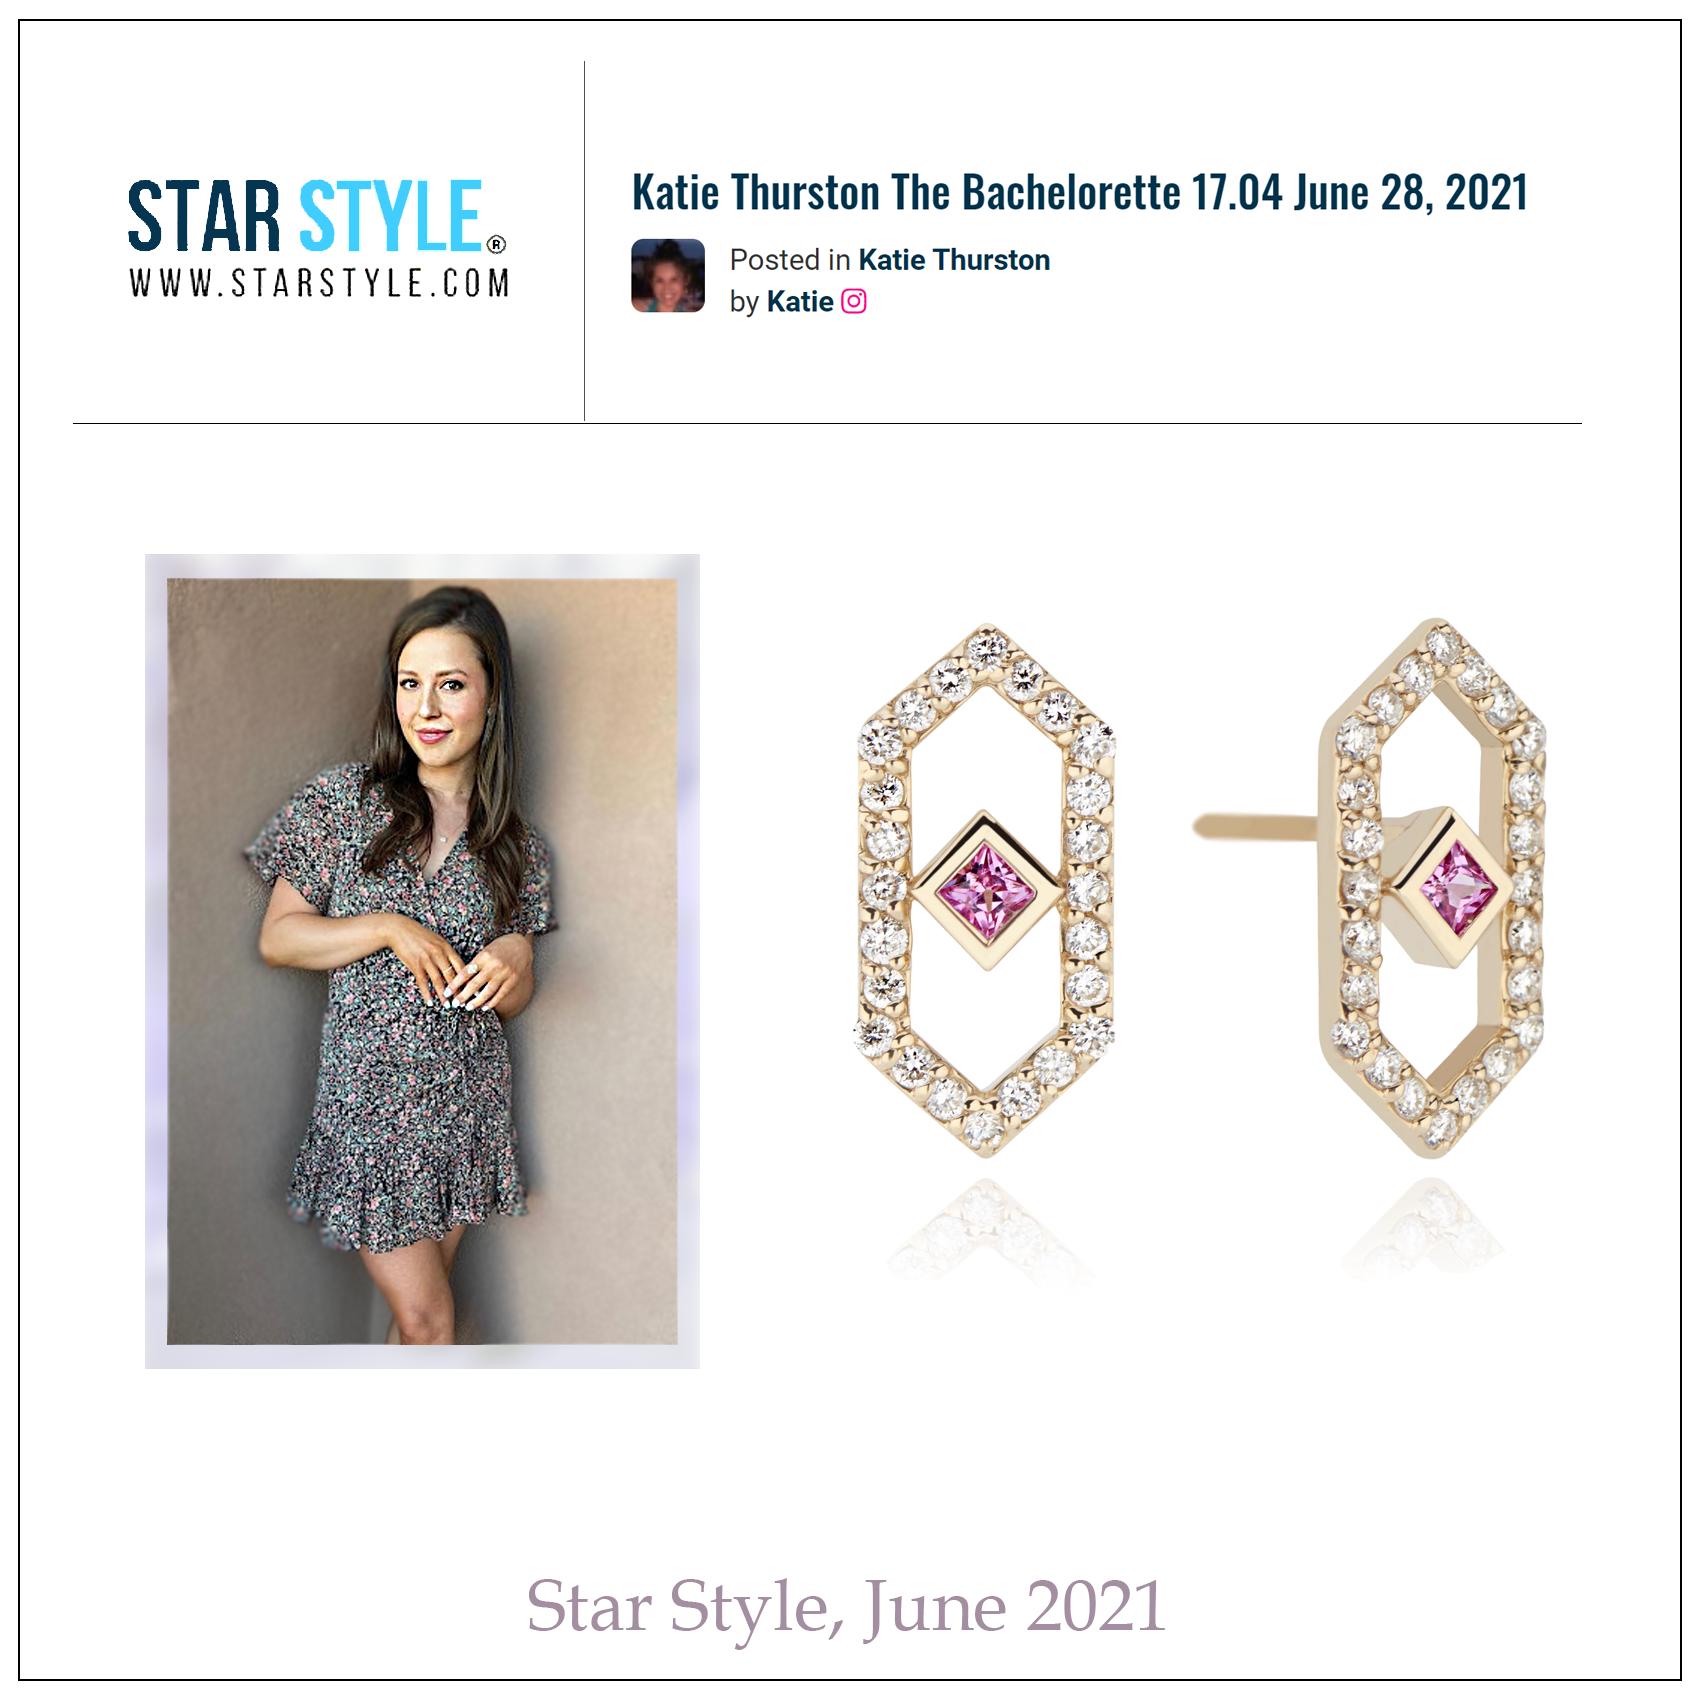 star-style-june-2021-gianna-chevron-earrings.png